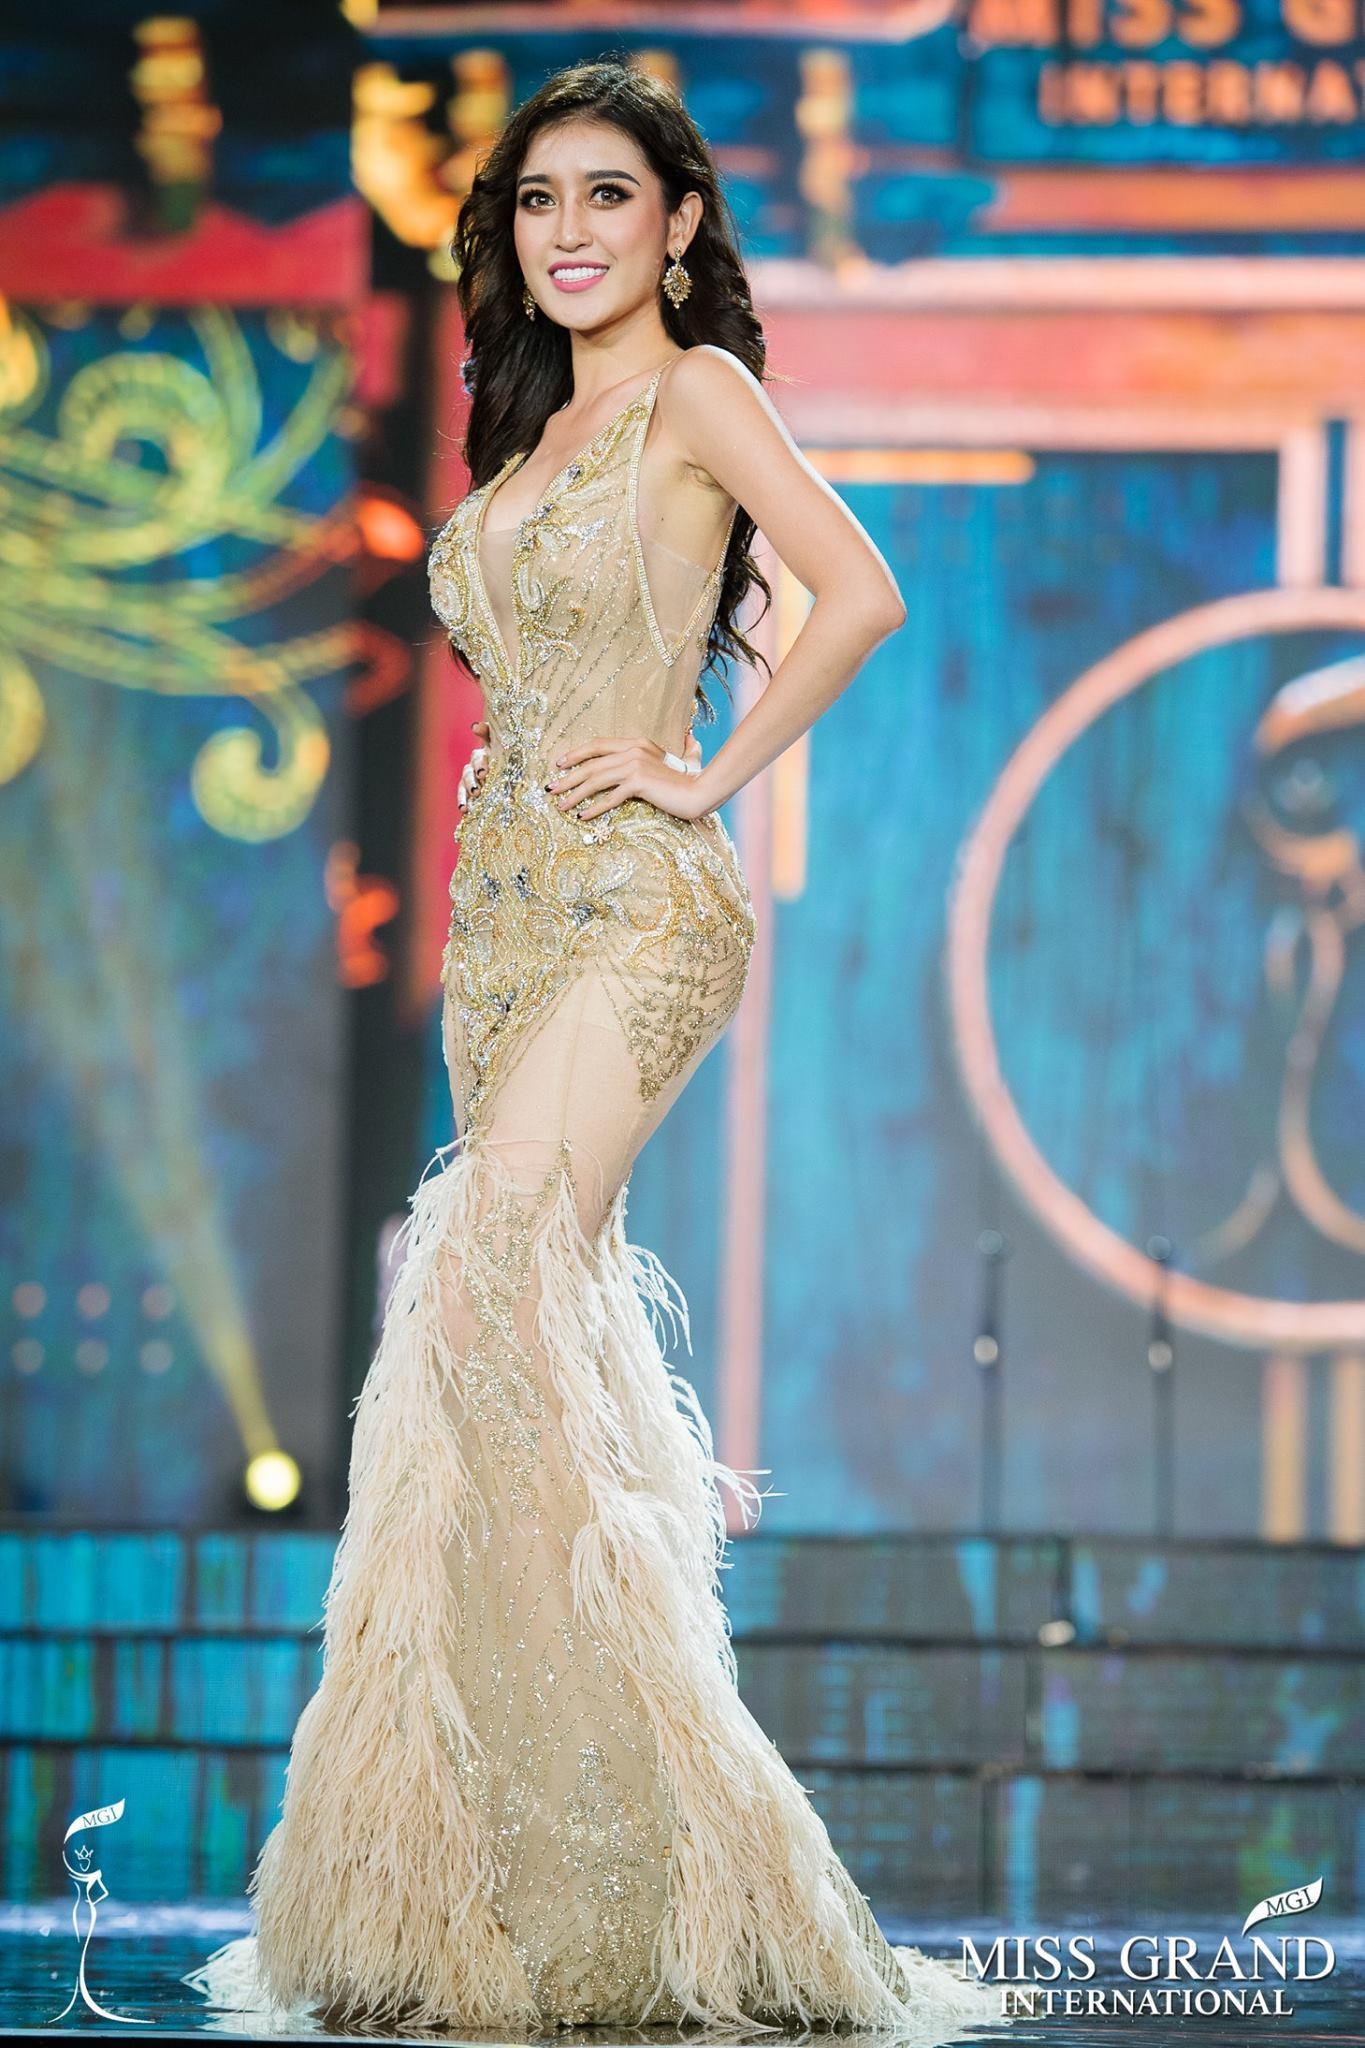 Sát giờ chung kết Miss Grand 2017, Huyền My thống trị các bảng xếp hạng sắc đẹp quốc tế-1